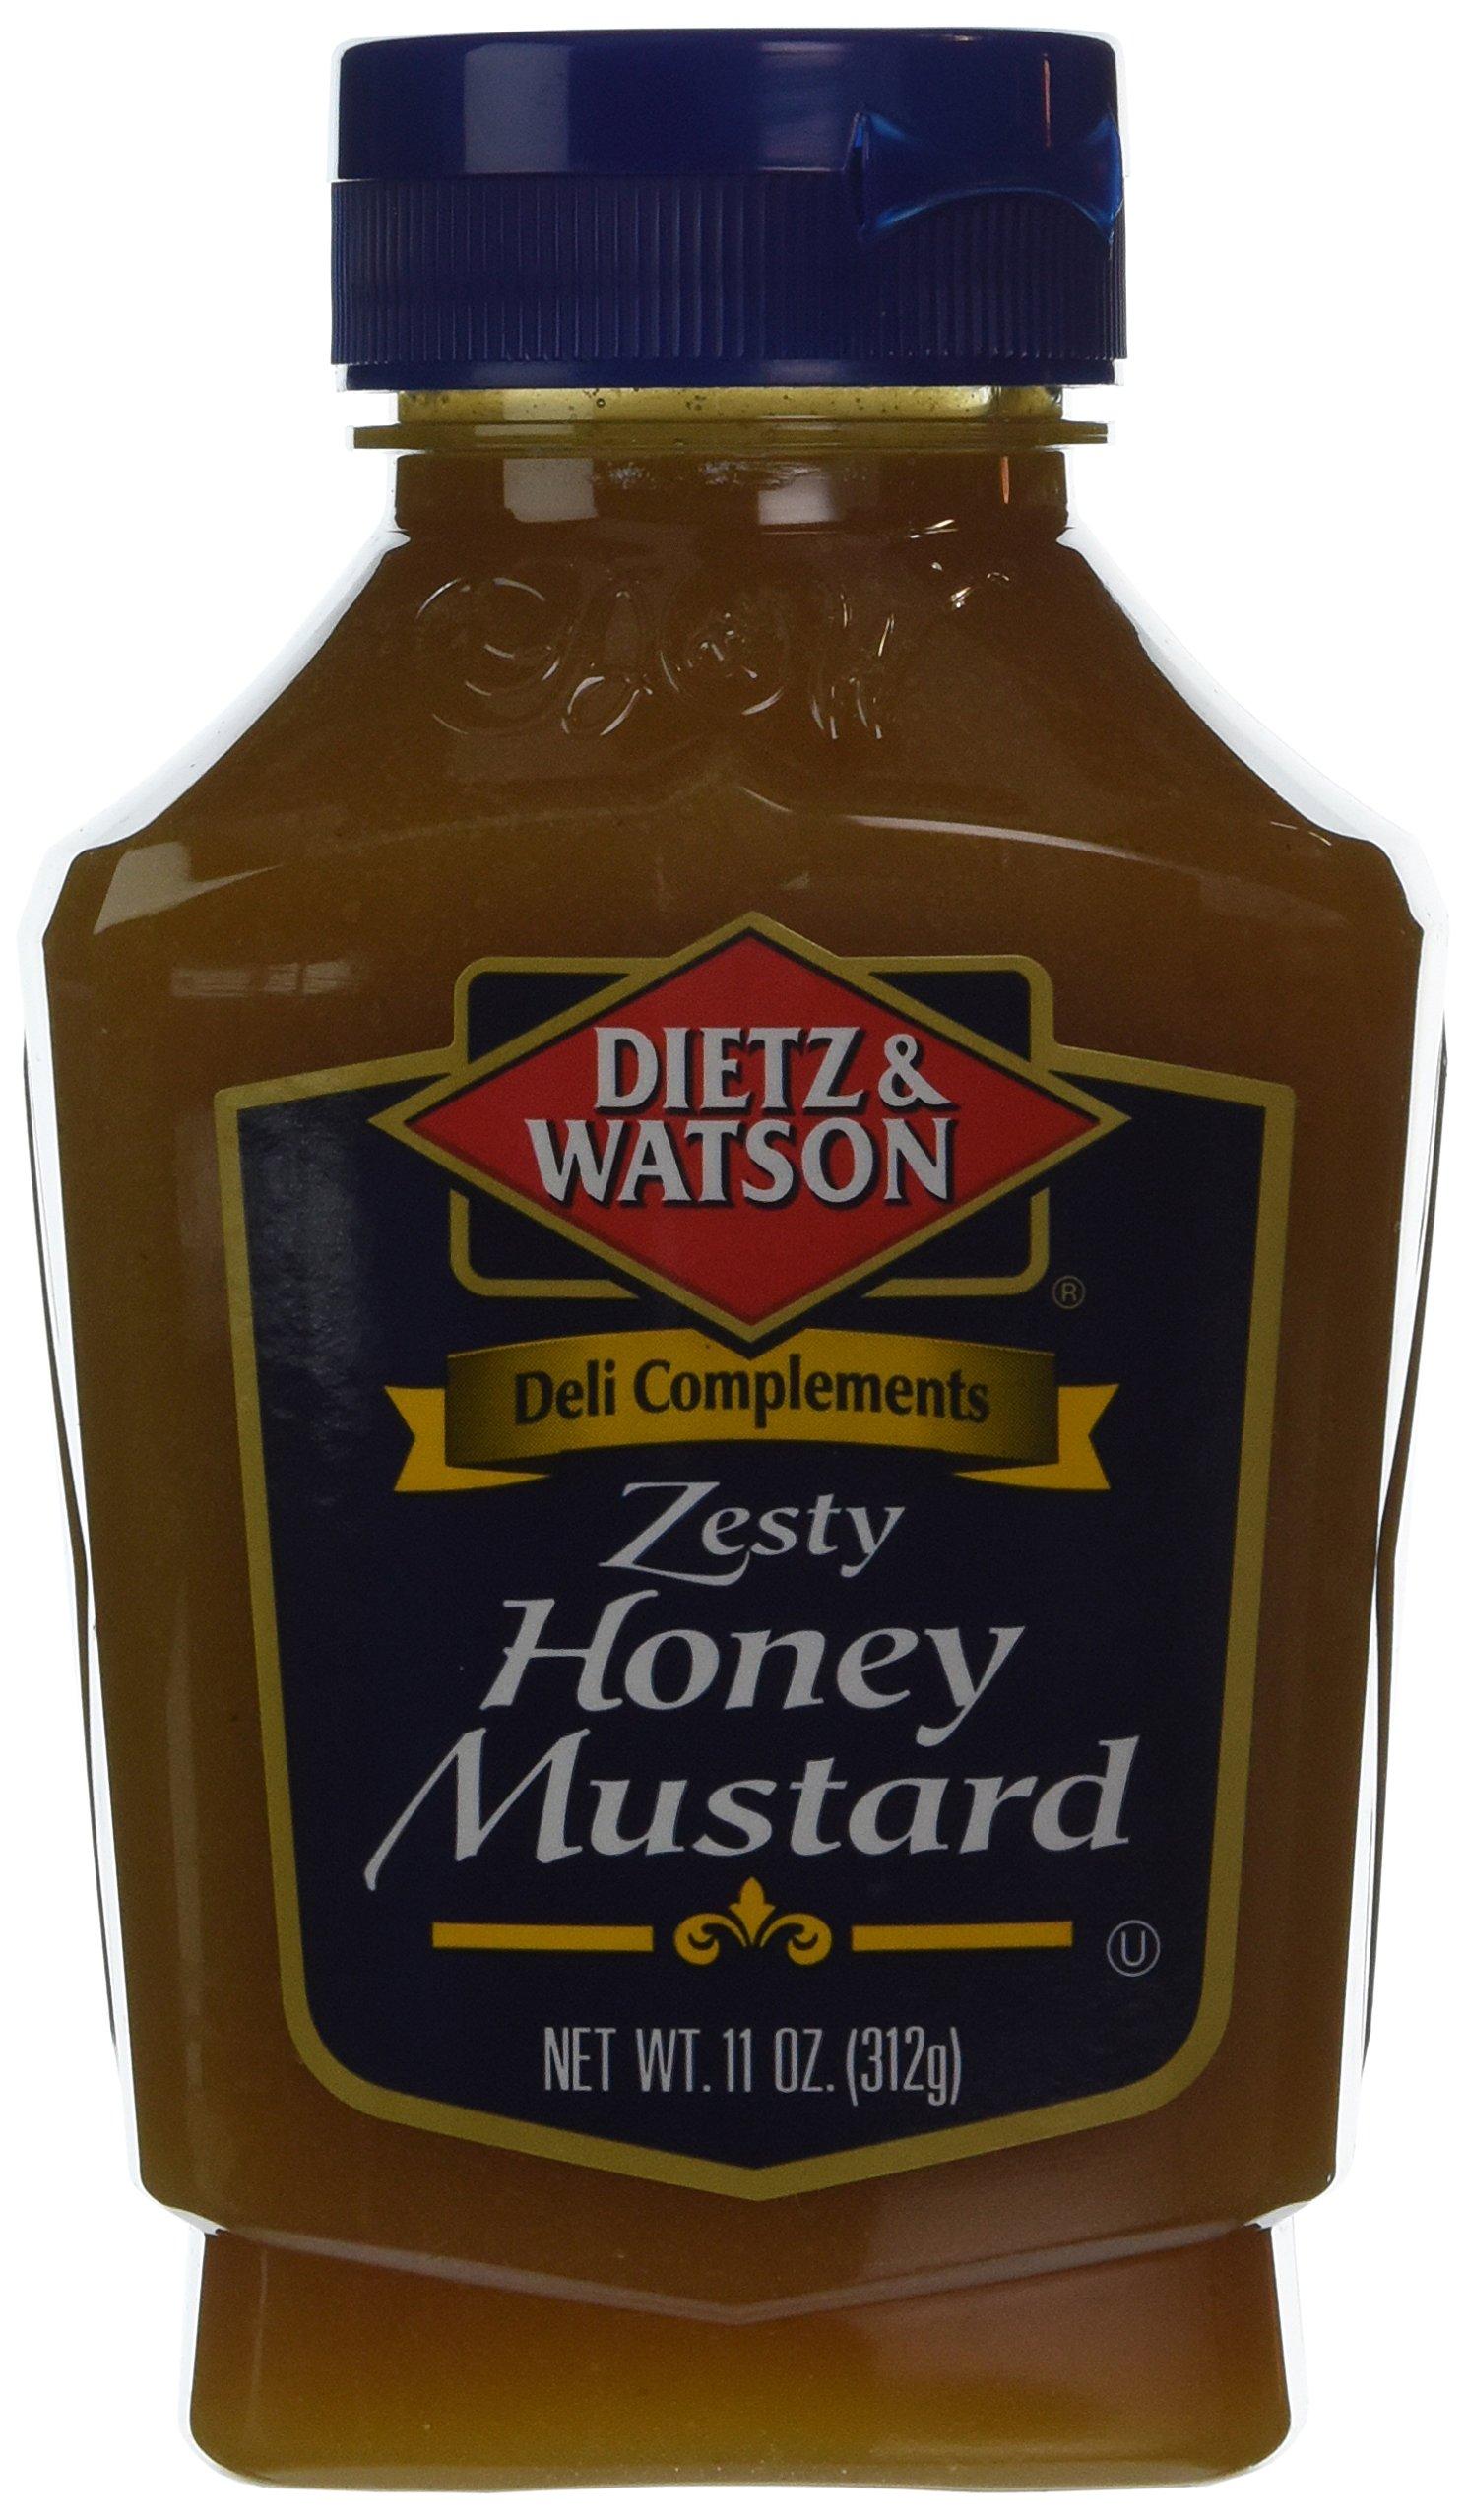 Dietz & Watson, Deli Compliments, Zesty Honey Mustard, 11oz Bottle (Pack of 2) by Dietz & Watson